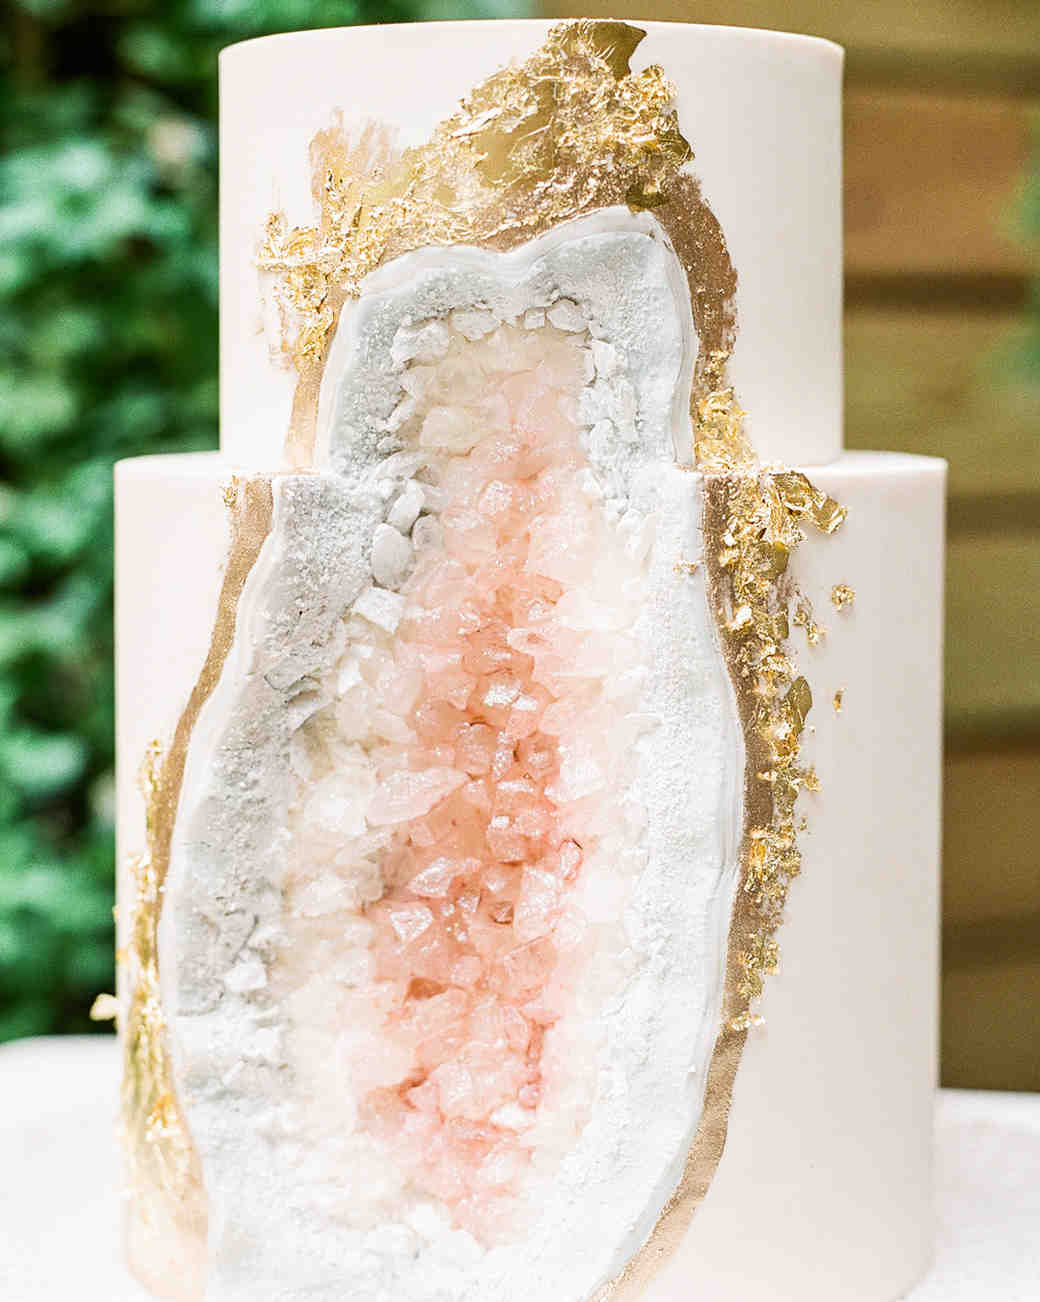 Hochzeitstorte selber backen - Kristall Torte selber machen